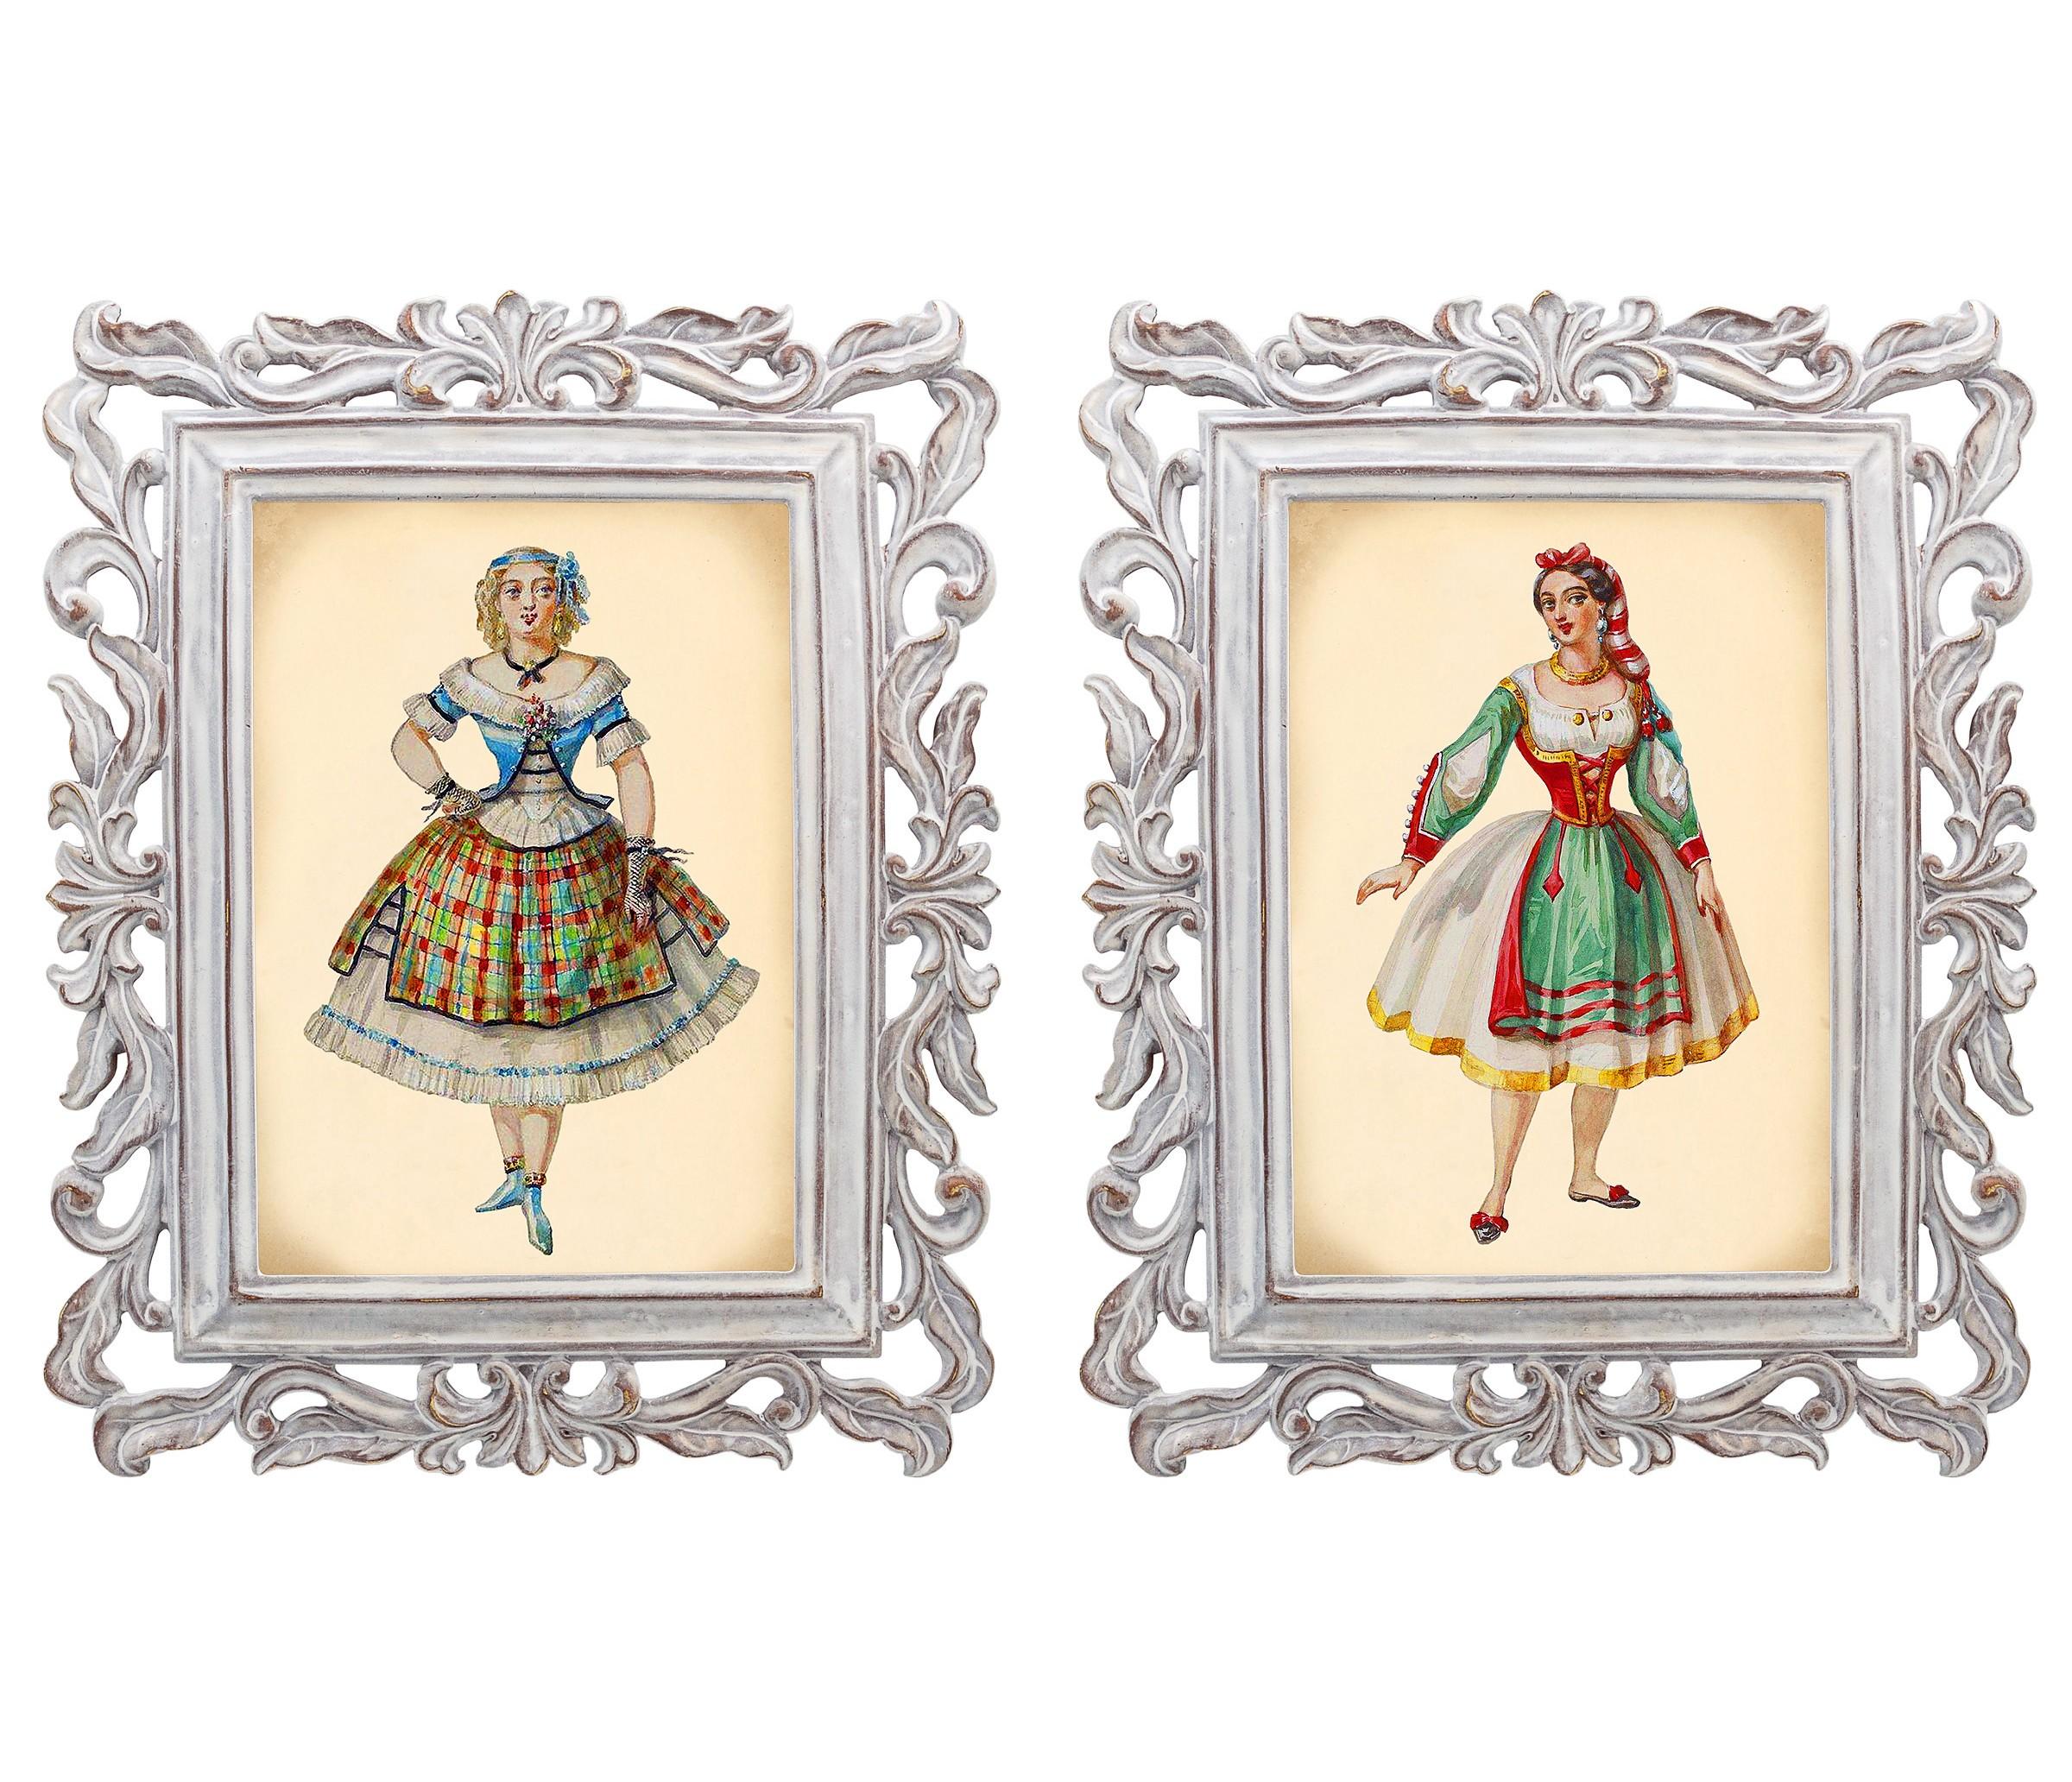 Набор из двух репродукций Агата и Бурлеск 11Картины<br>В моде викторианской эпохи достигалась гармония между женской хрупкостью и неприступной гордостью. Репродукции старинных картин из серии «Бурлеск» напоминают об этом времени богатства, роскоши и поистине королевского стиля. Это не только сентиментальное воспоминание о предметах и целых эпохах прошлого, — это еще и оригинальная деталь интерьера, которая поражает множеством элементов и эффектно смотрится в любом пространстве.<br><br>Material: Камень<br>Width см: 21<br>Depth см: 1,7<br>Height см: 26